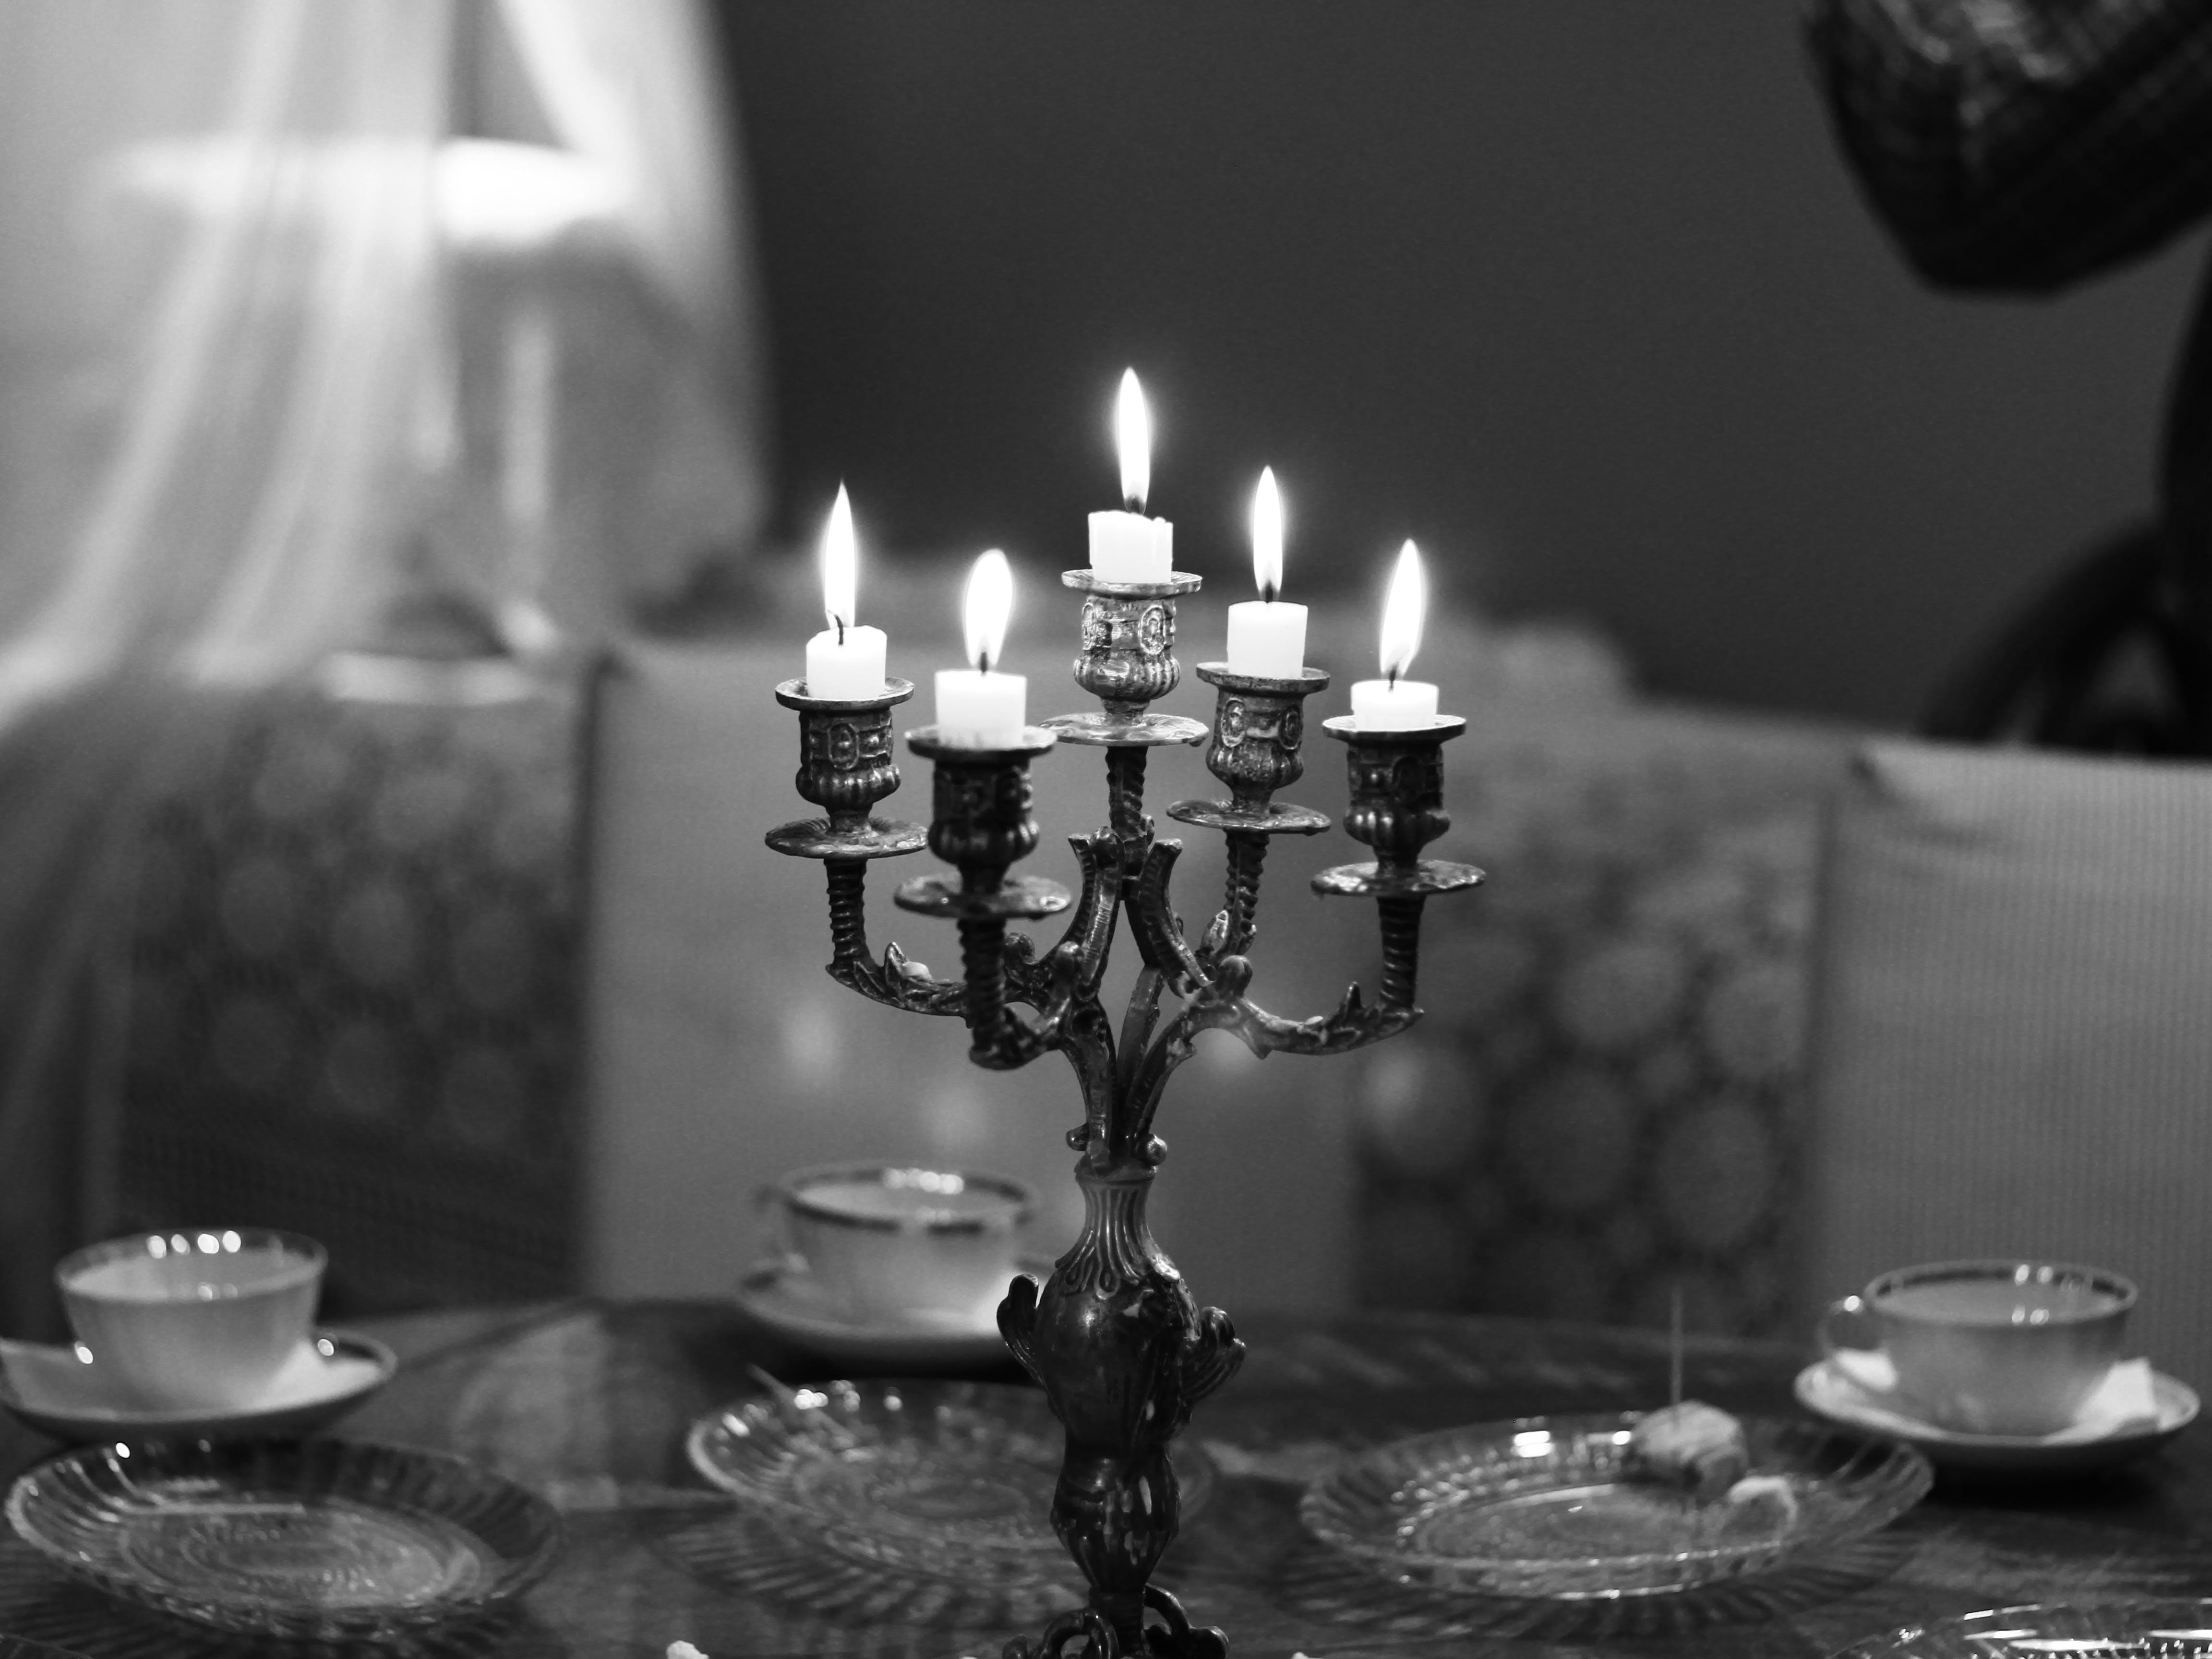 光, 刀具, 慶祝, 桌面設置 的 免費圖庫相片